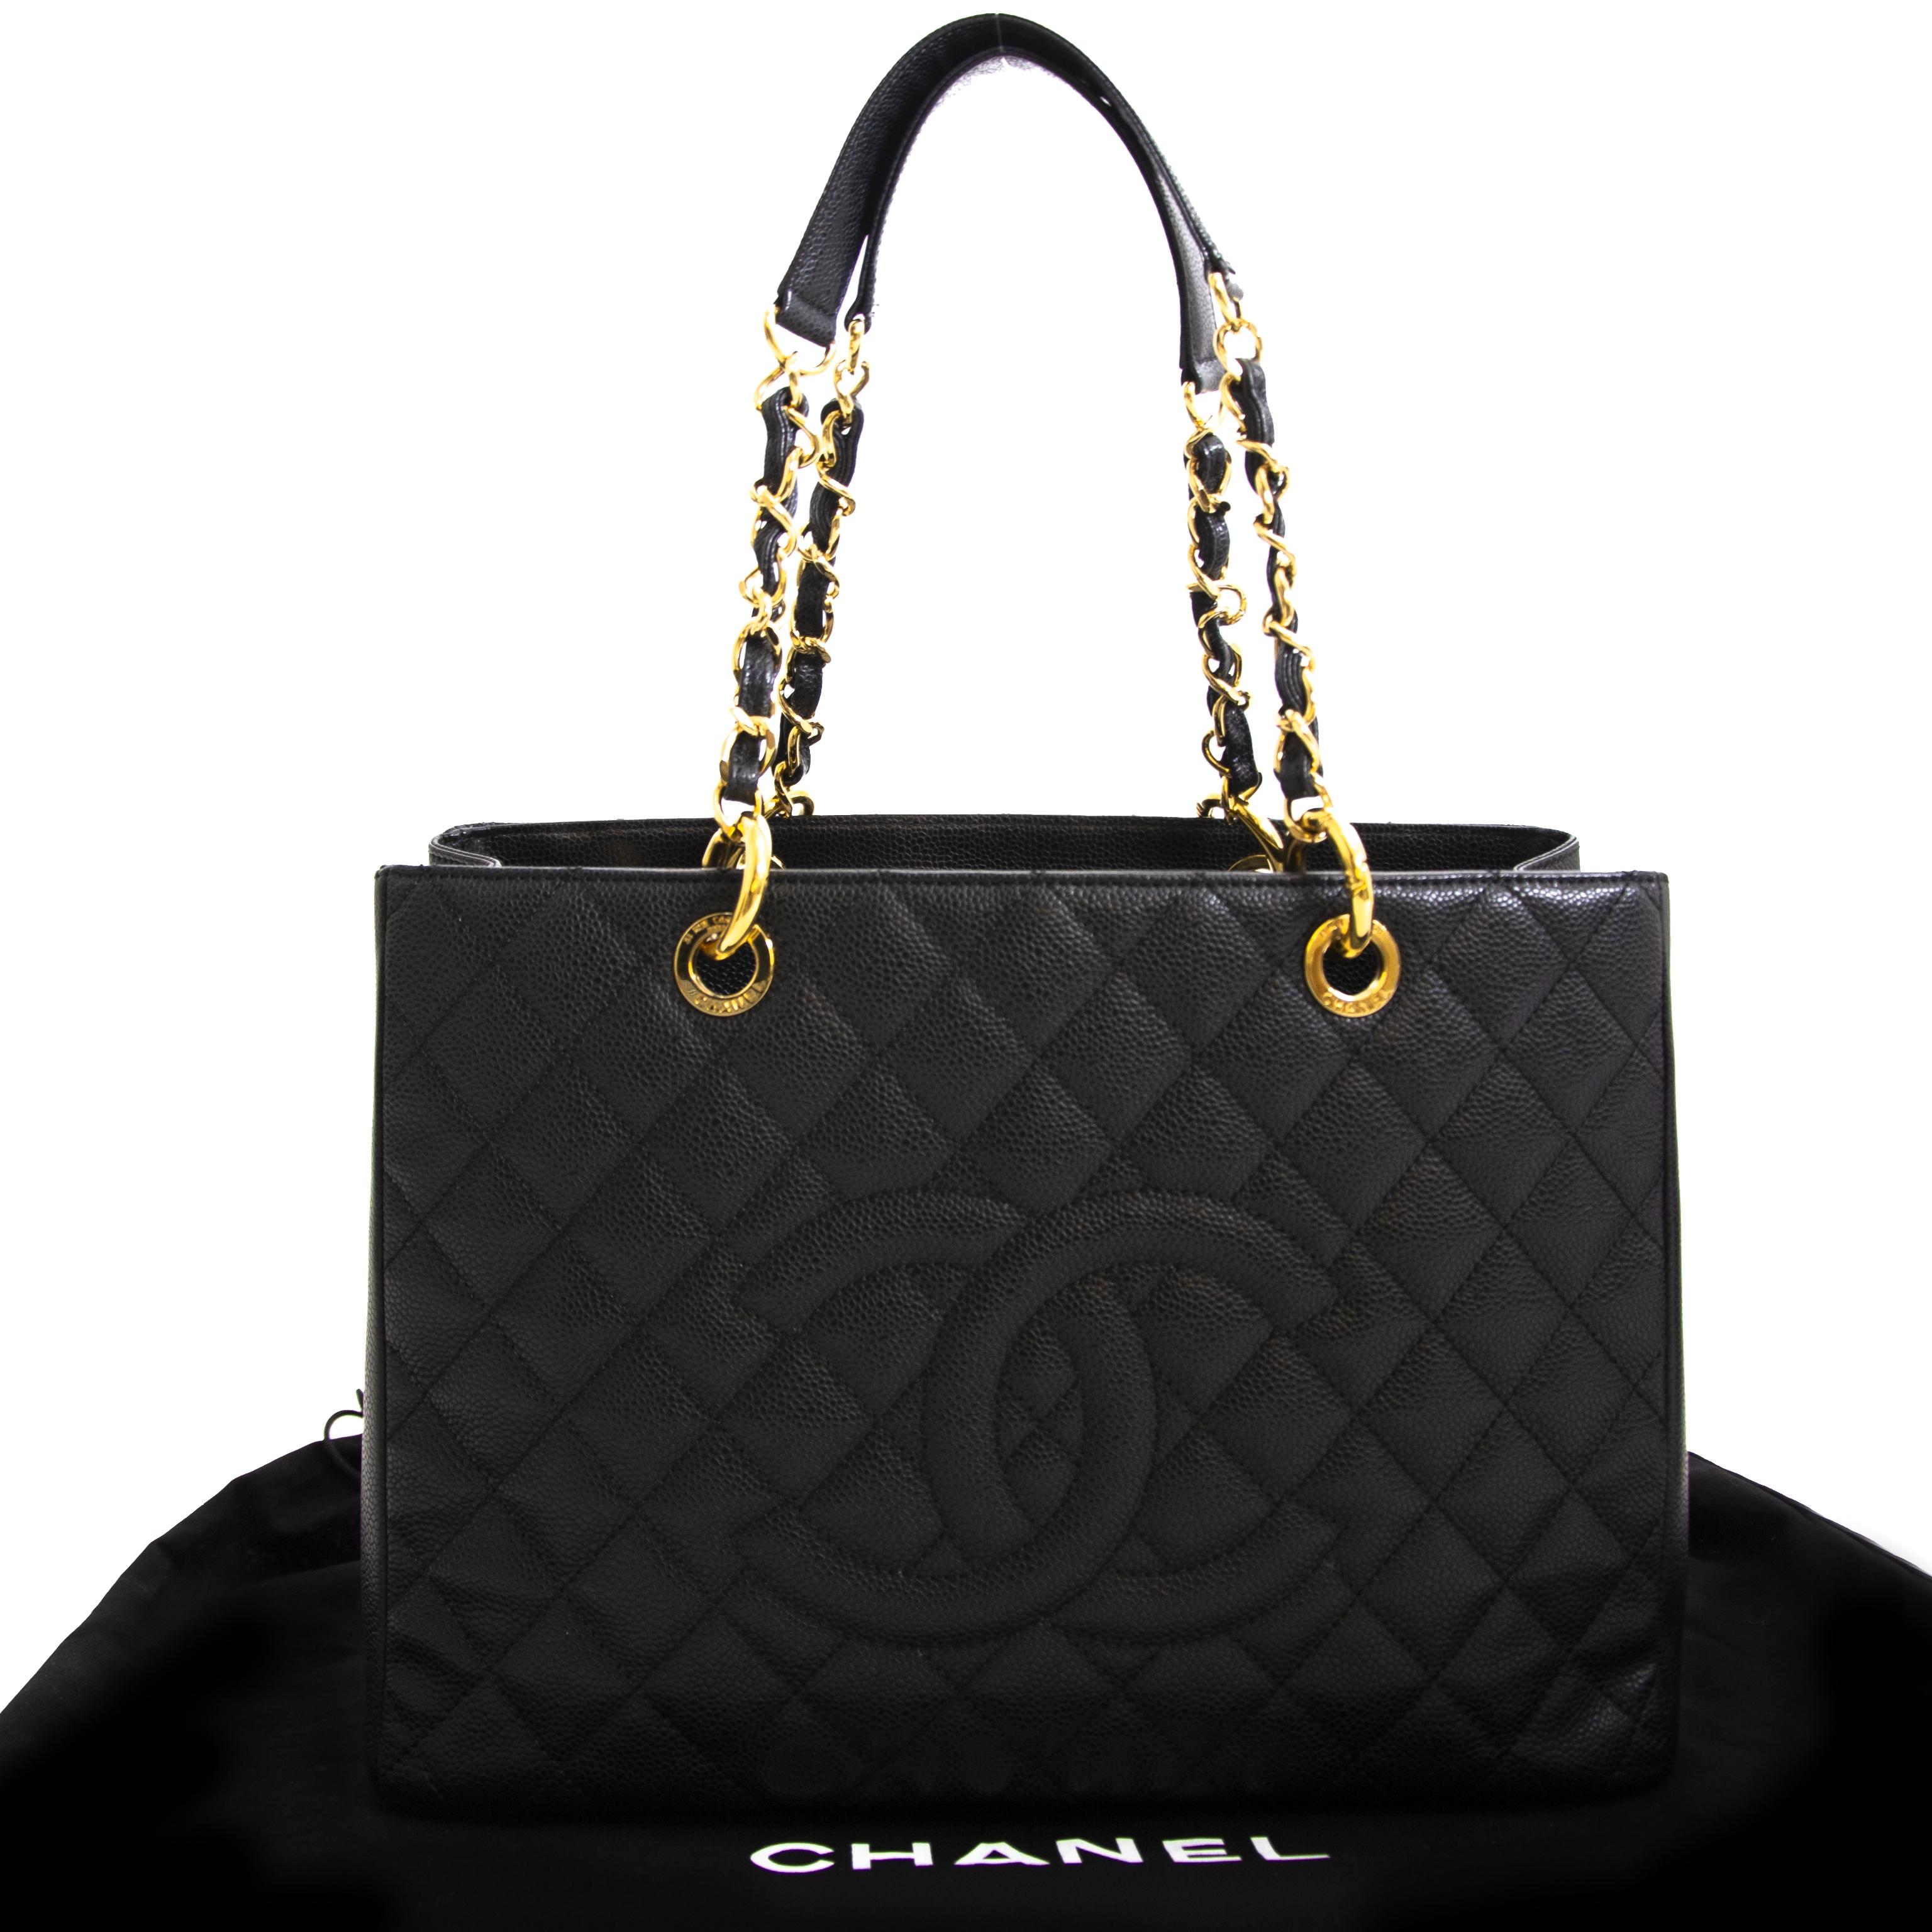 a4f55747453c Chanel GST Black Caviar Shopping Tote Chanel GST Black Caviar Shopping Tote  acheter en ligne pour le meilleur prix